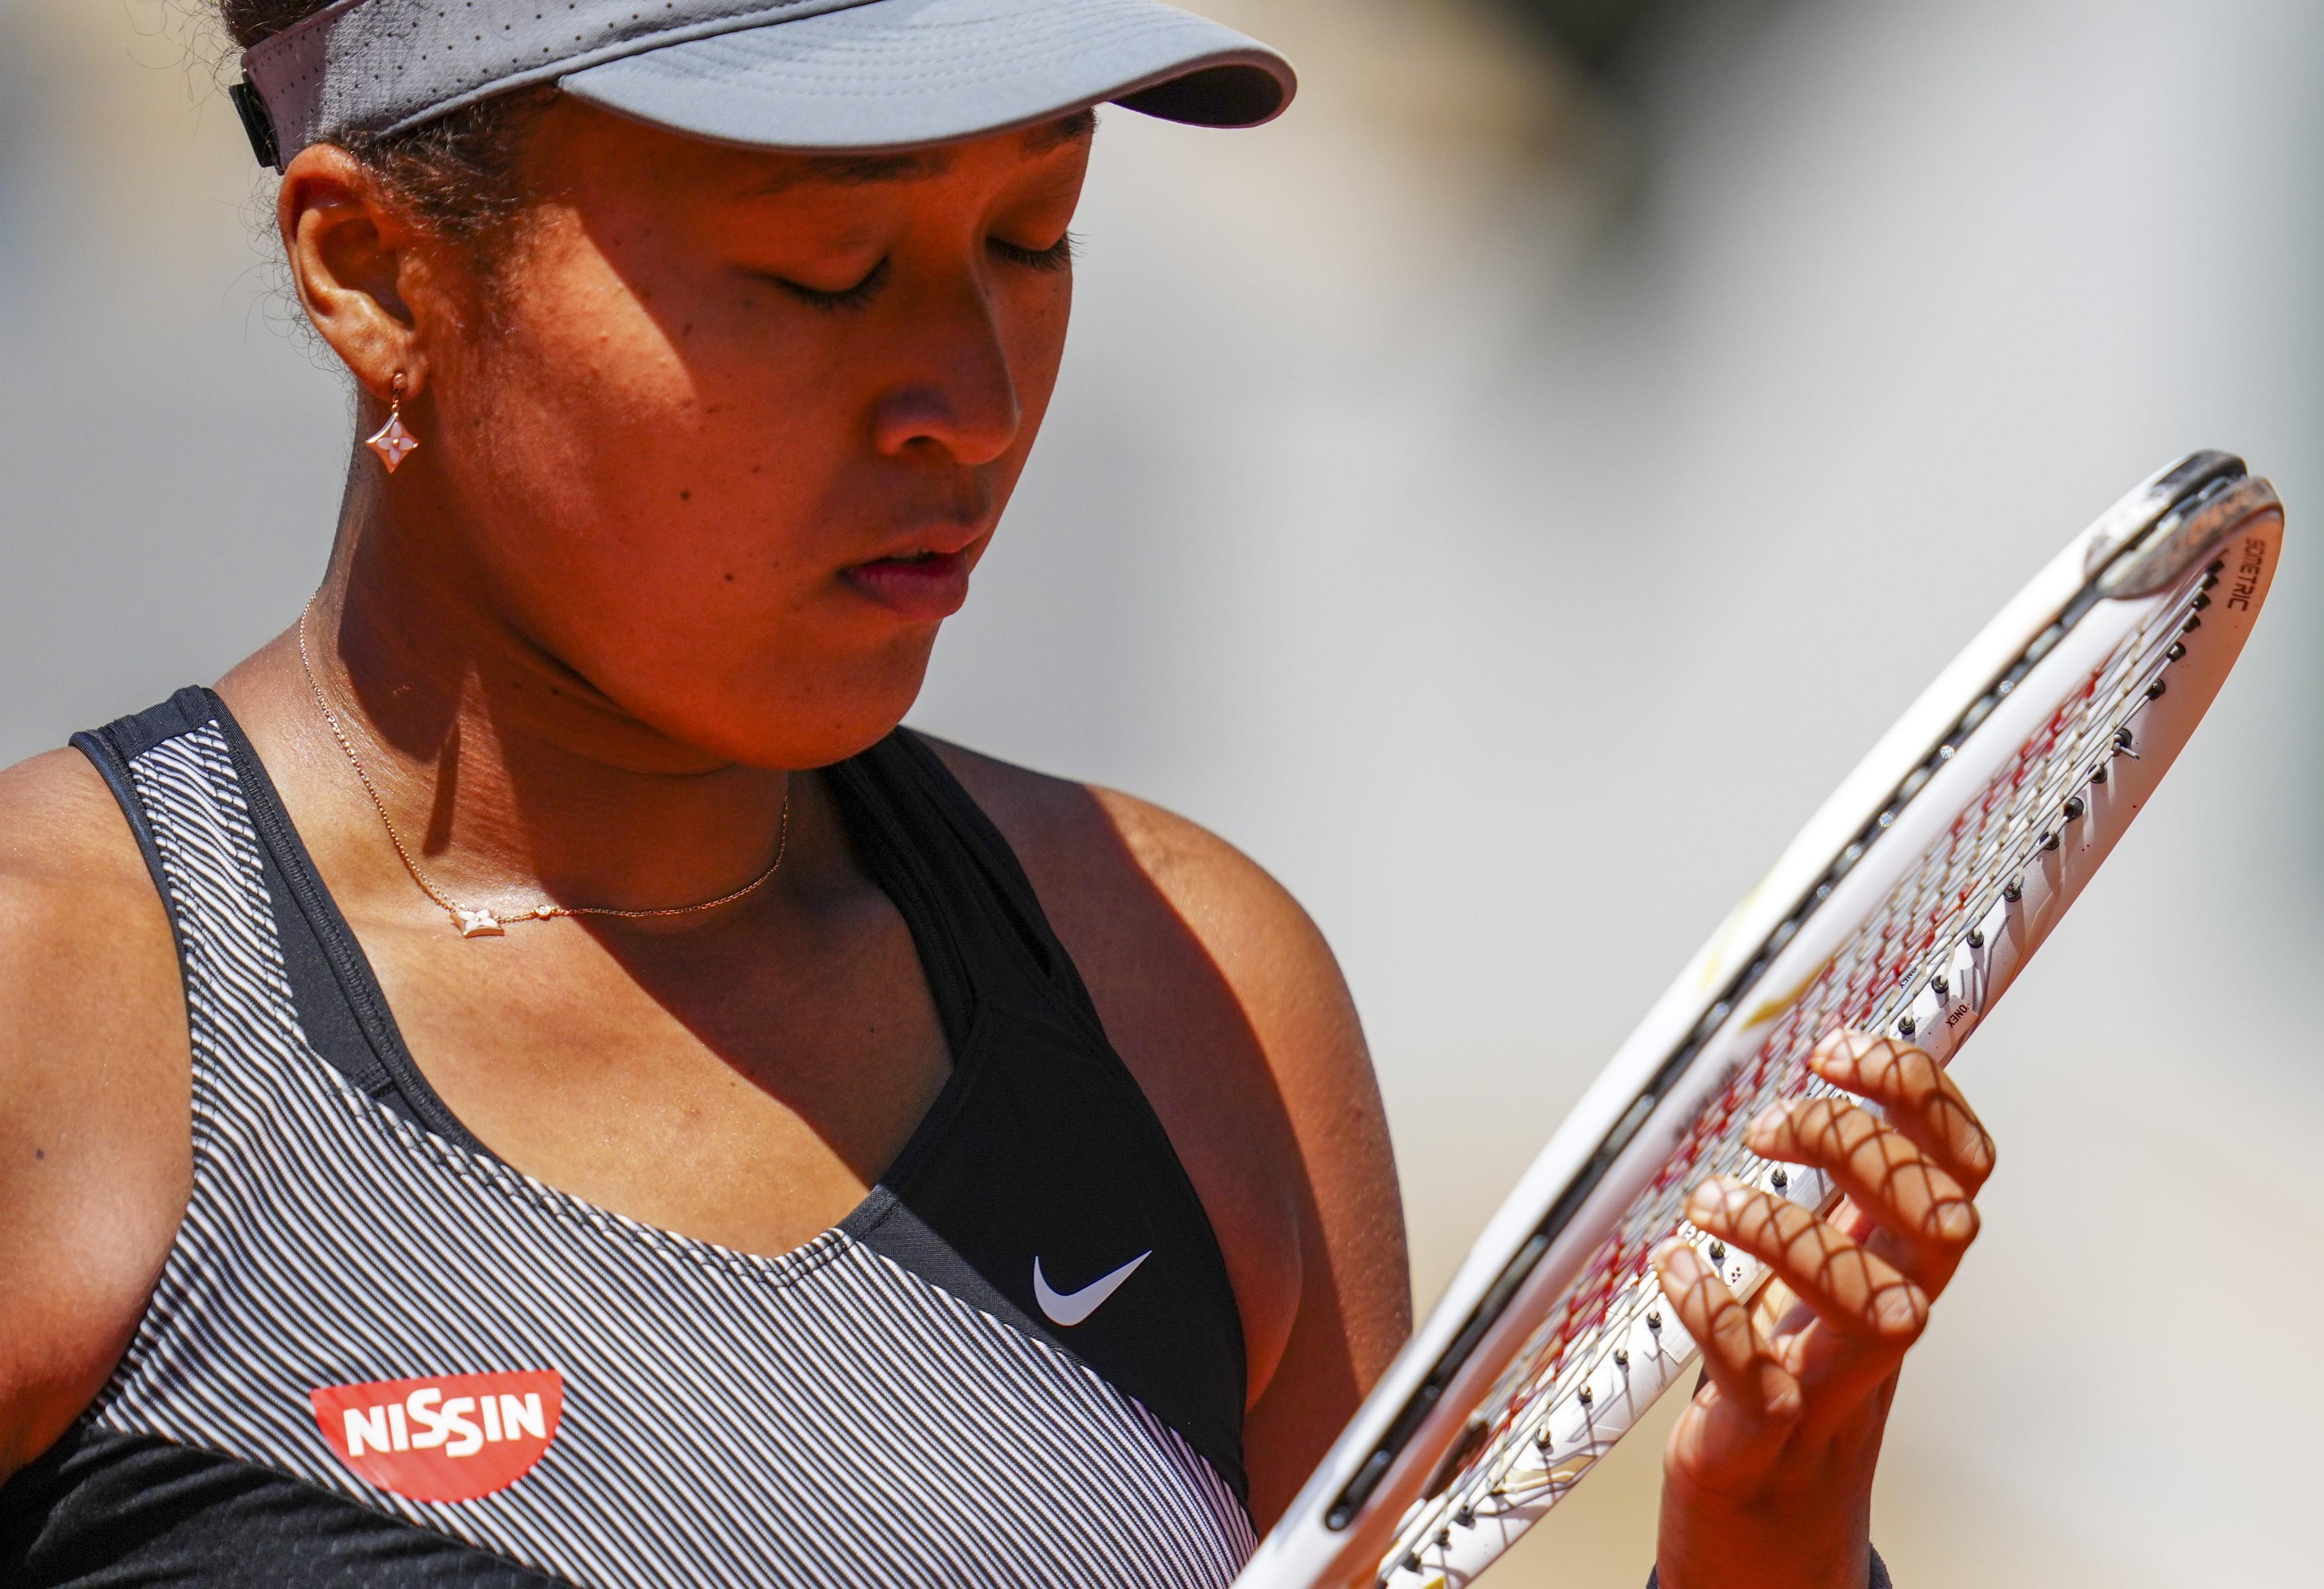 Naomi Osaka, locul 2 in WTA, s-a retras de la Roland Garros dupa ce a acuzat probleme de anxietate. Ana Bogdan se califica in turul 3